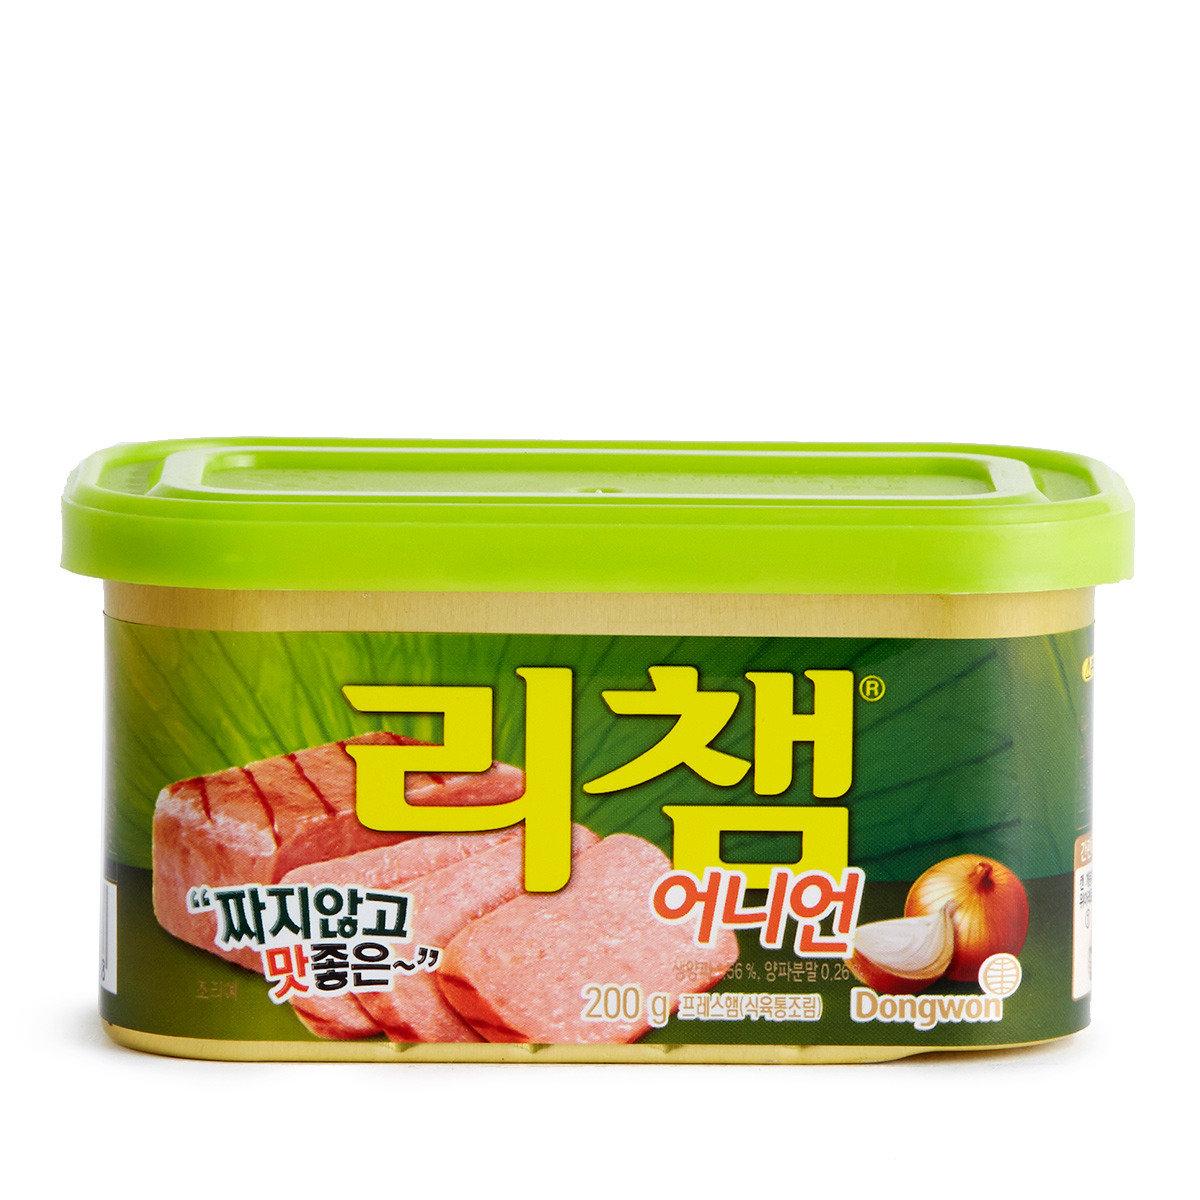 午餐肉 (豬肉) - 洋蔥味